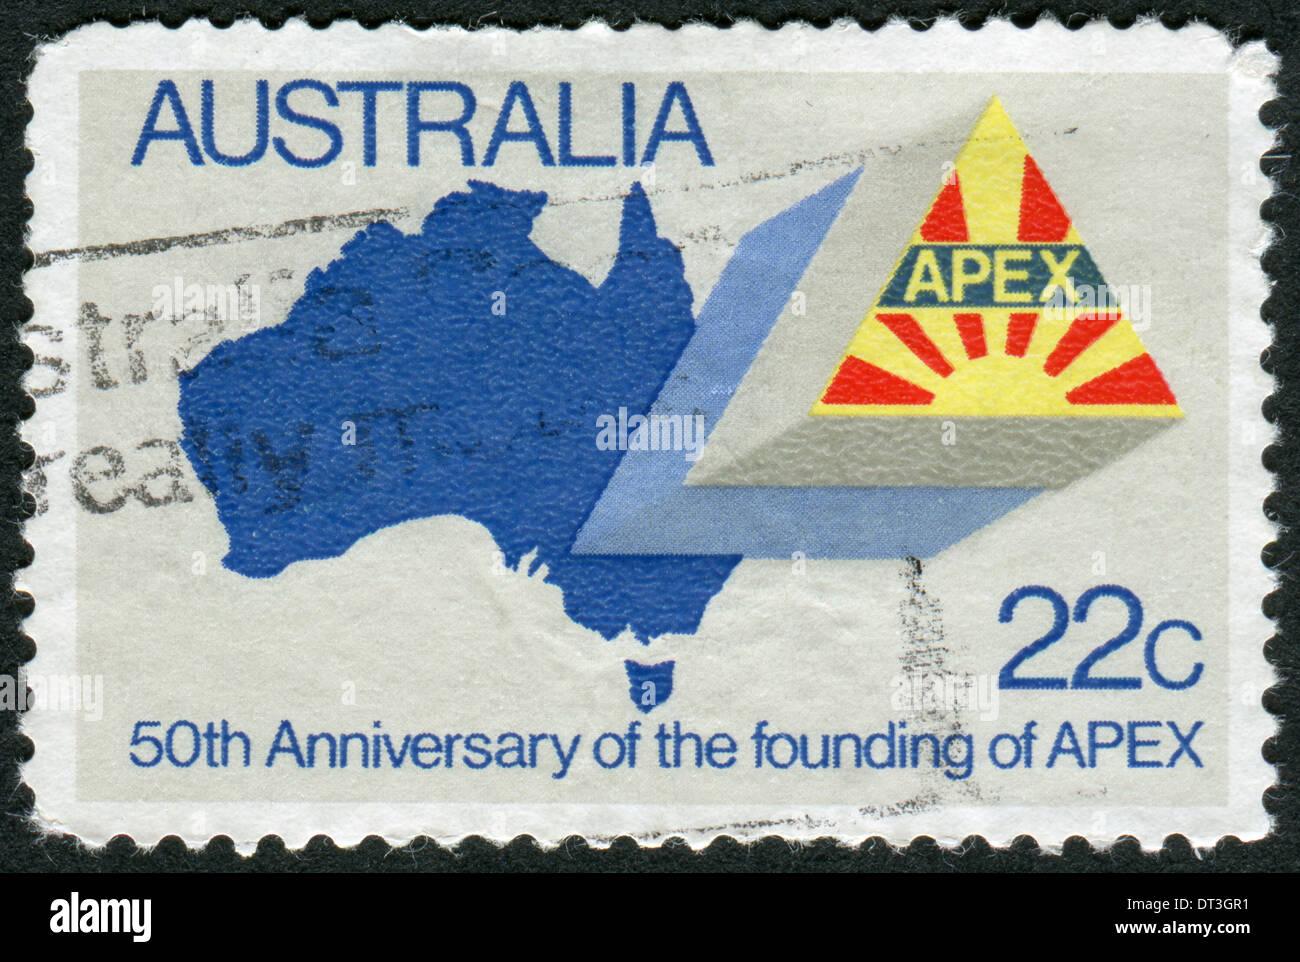 Timbre Poste Imprime En Australie Au 50e Anniversaire De L Apex Montre La Carte De L Australie De L Embleme De L Apex Photo Stock Alamy